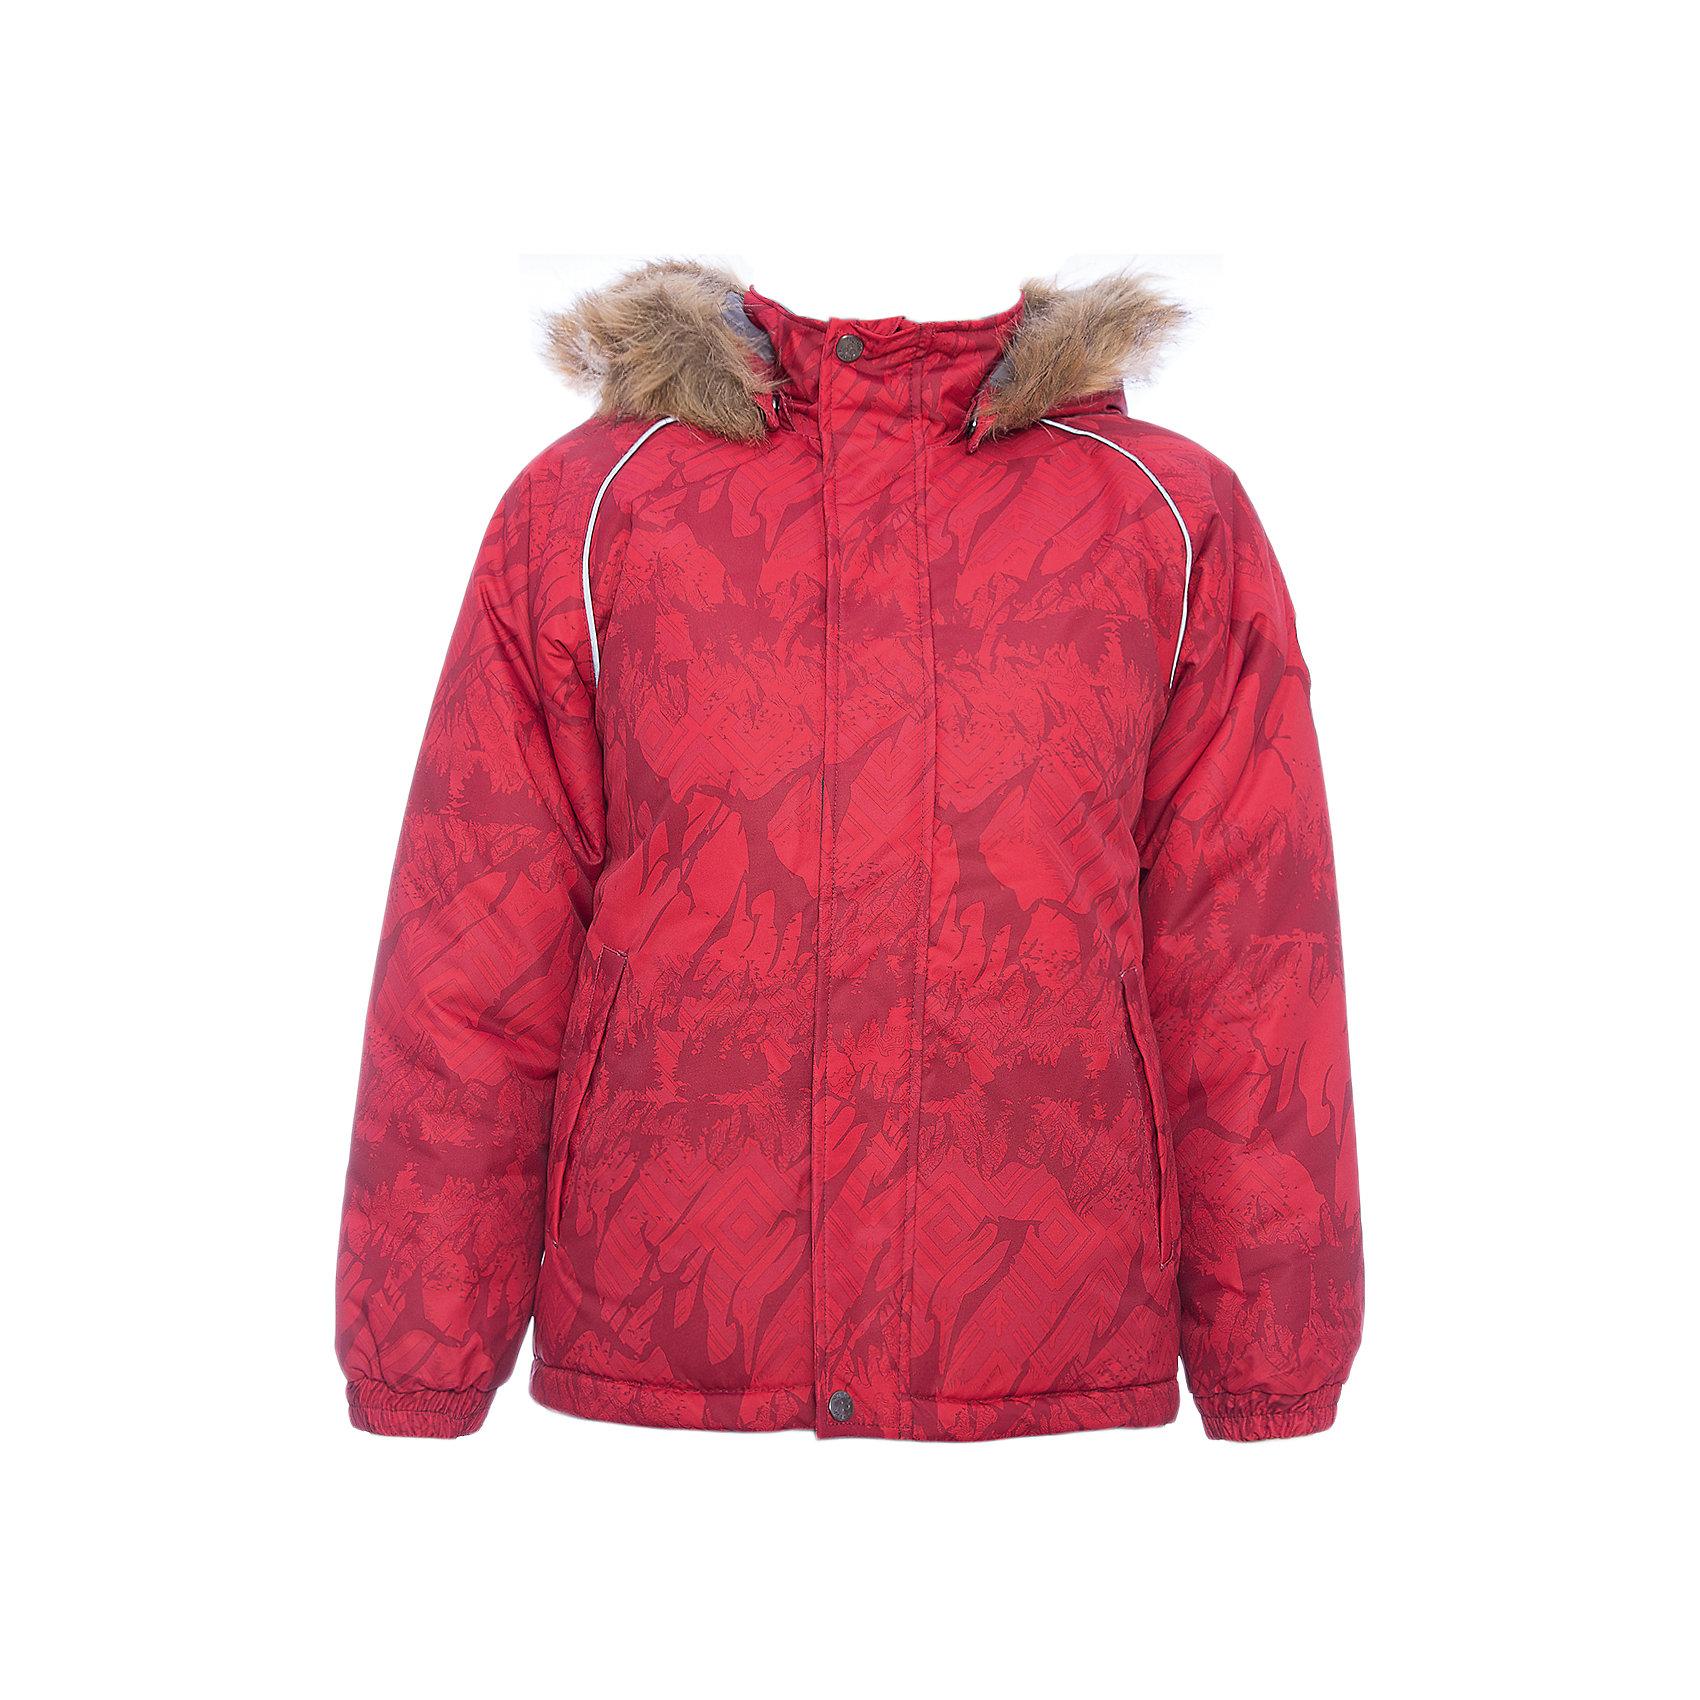 Куртка MARINEL HuppaВерхняя одежда<br>Куртка для детей MARINEL.Водо и воздухонепроницаемость 10 000. Утеплитель 300 гр. Подкладка тафта, флис 100% полиэстер. Отстегивающийся капюшон с мехом. Манжеты рукавов на резинке. Имеются светоотражательные детали.<br>Состав:<br>100% Полиэстер<br><br>Ширина мм: 356<br>Глубина мм: 10<br>Высота мм: 245<br>Вес г: 519<br>Цвет: красный<br>Возраст от месяцев: 108<br>Возраст до месяцев: 120<br>Пол: Унисекс<br>Возраст: Детский<br>Размер: 140,110,116,122,128,134<br>SKU: 7027393